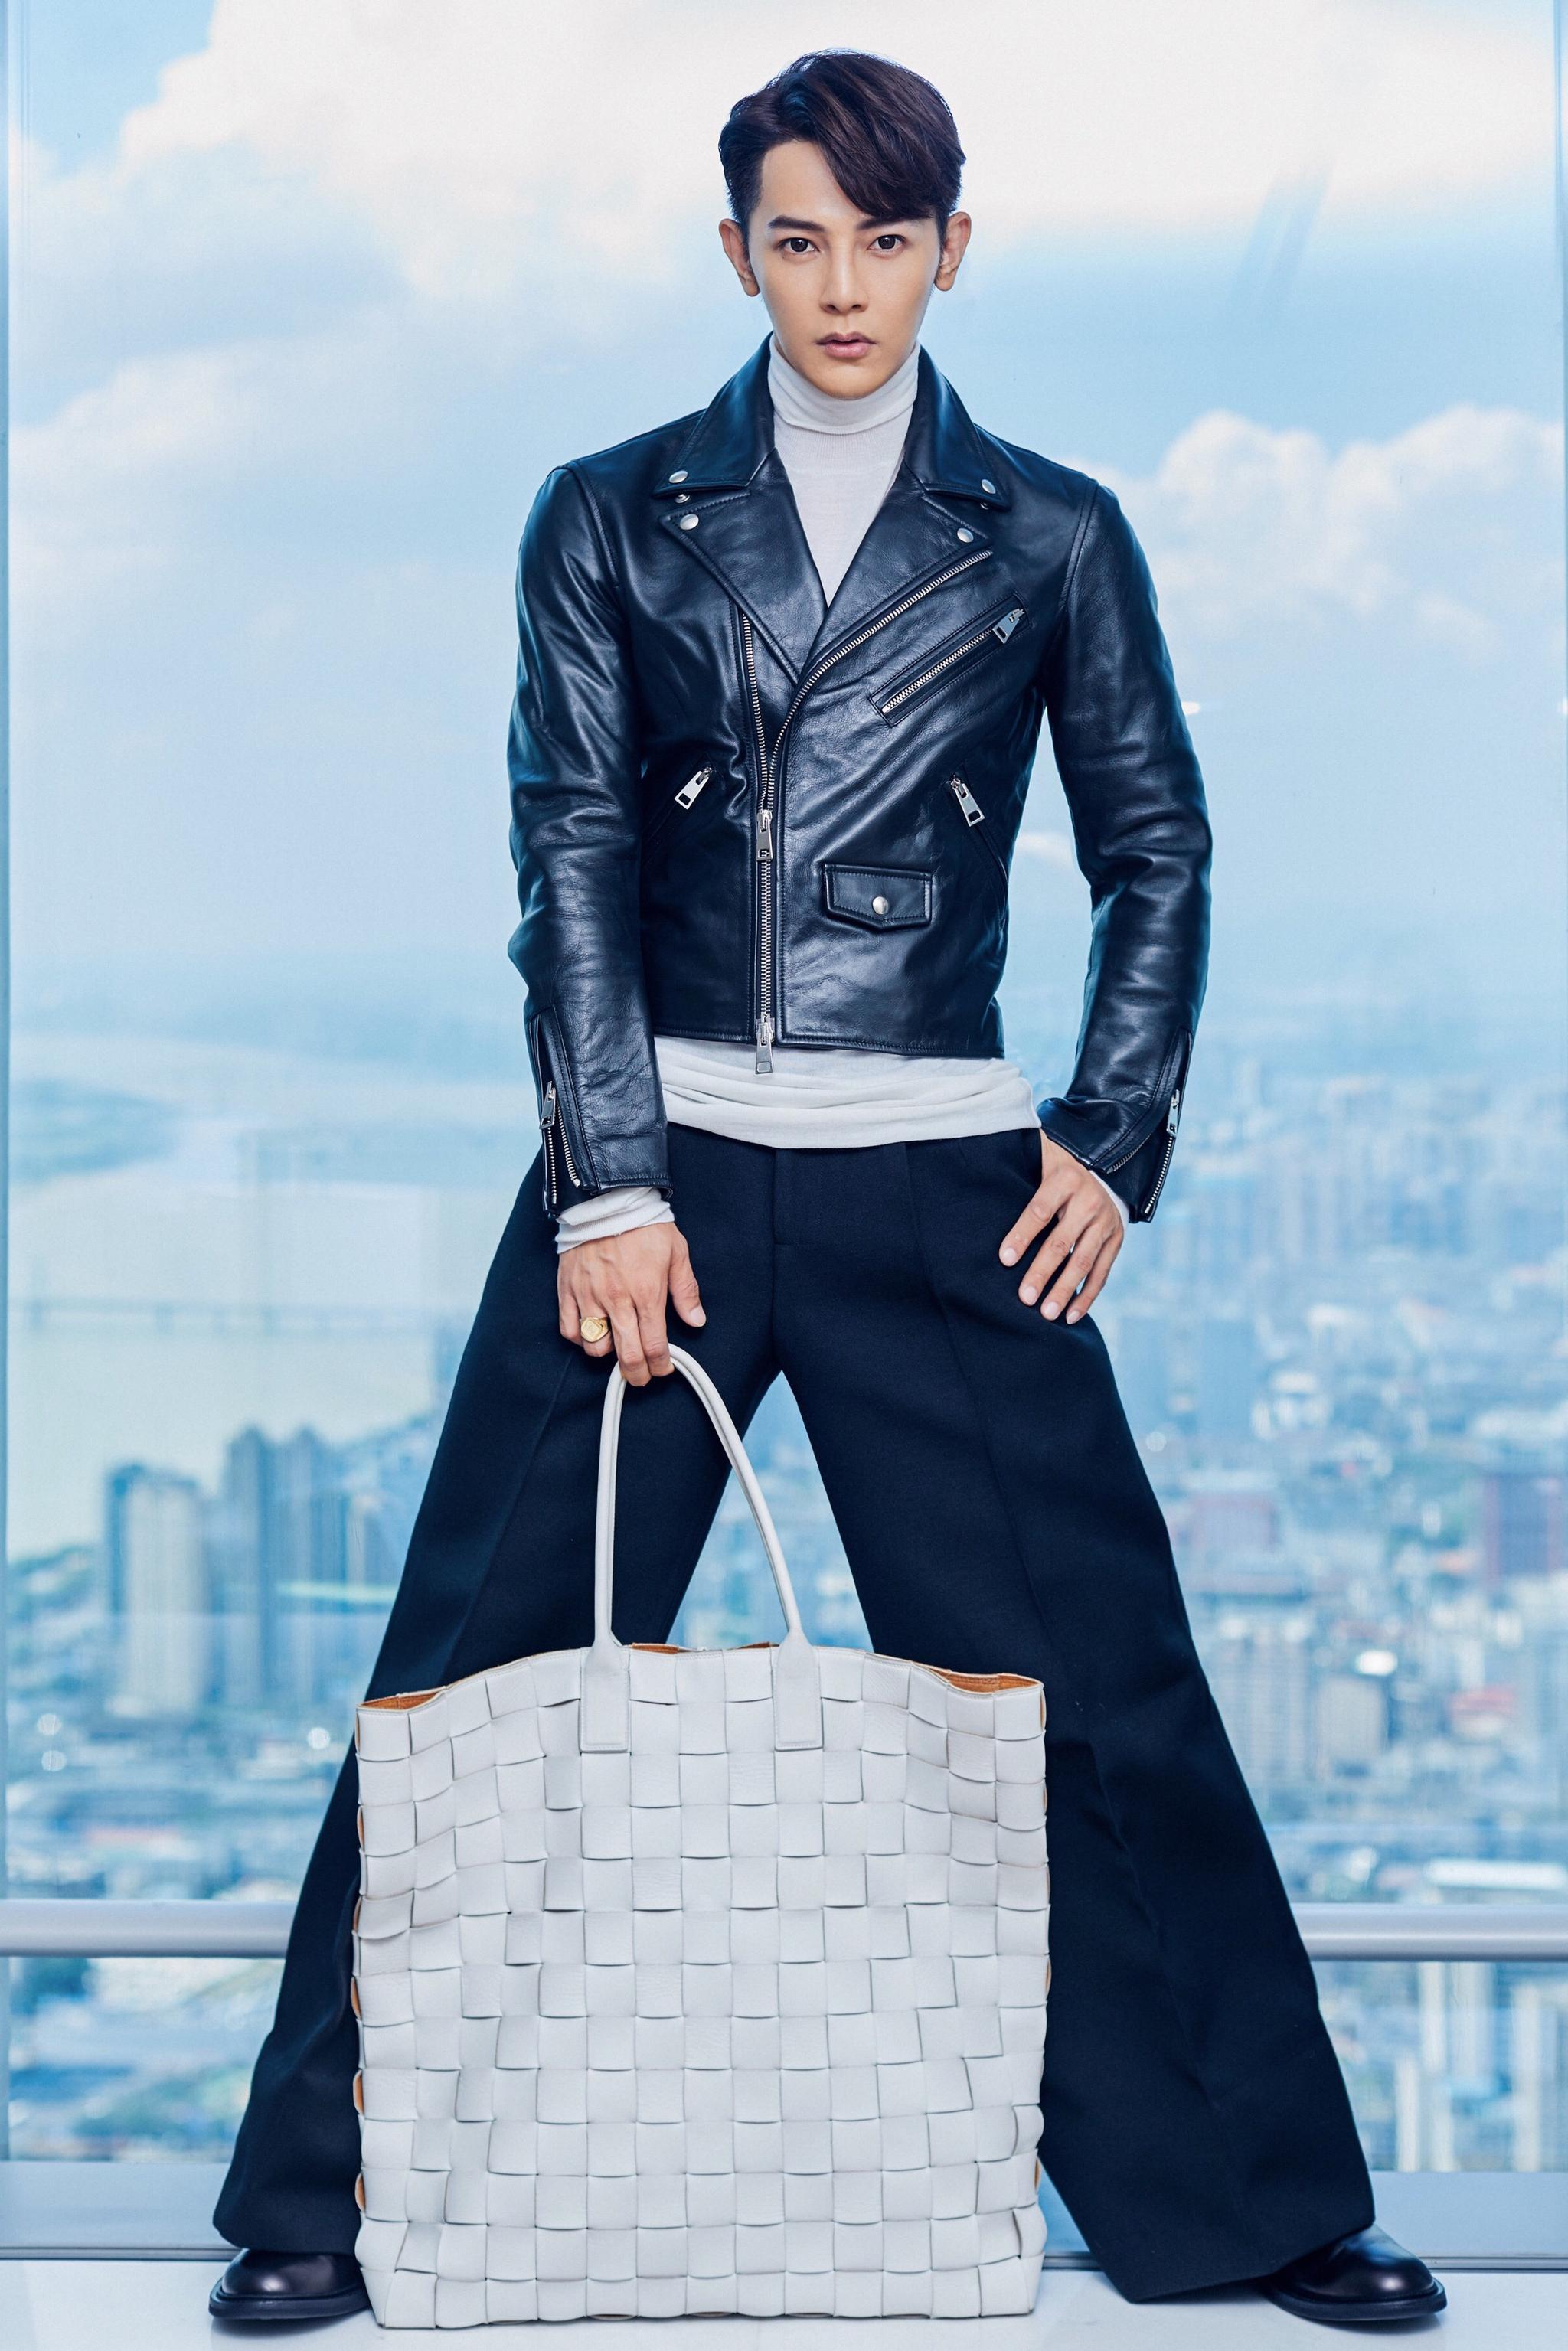 汪东城出席品牌活动 极简风格引领夏季街头潮流穿搭